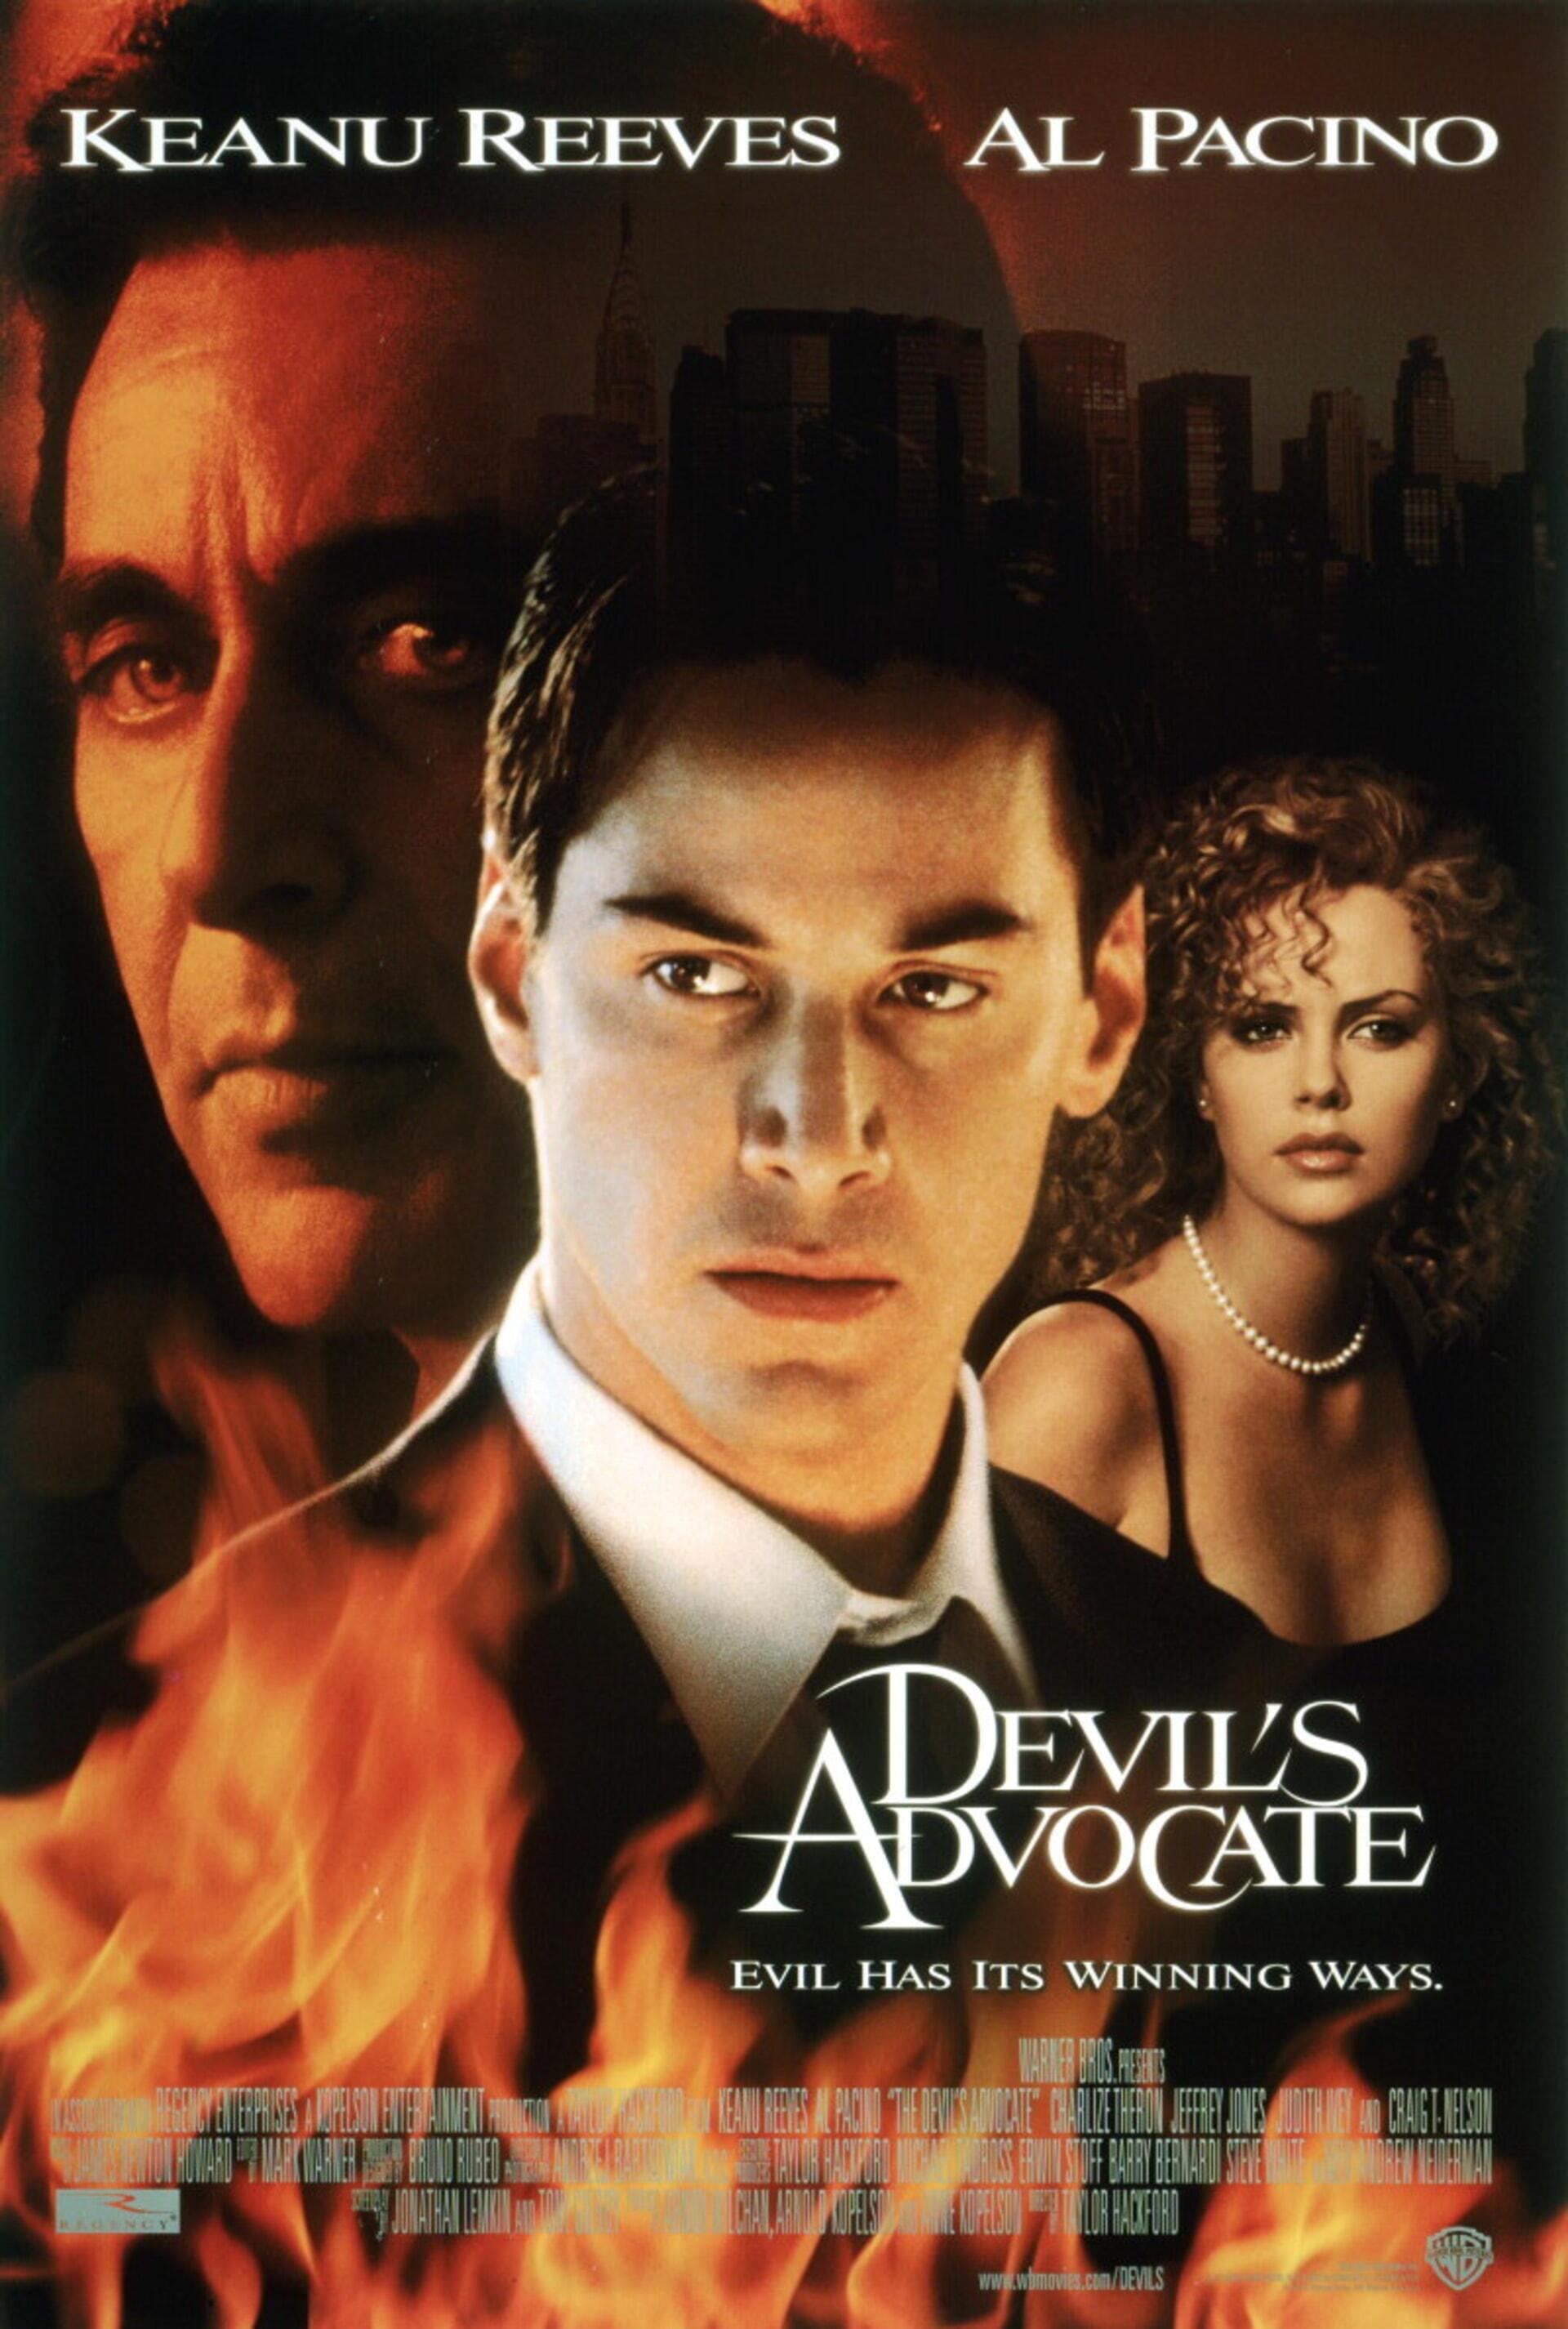 The Devil's Advocate - Poster 1